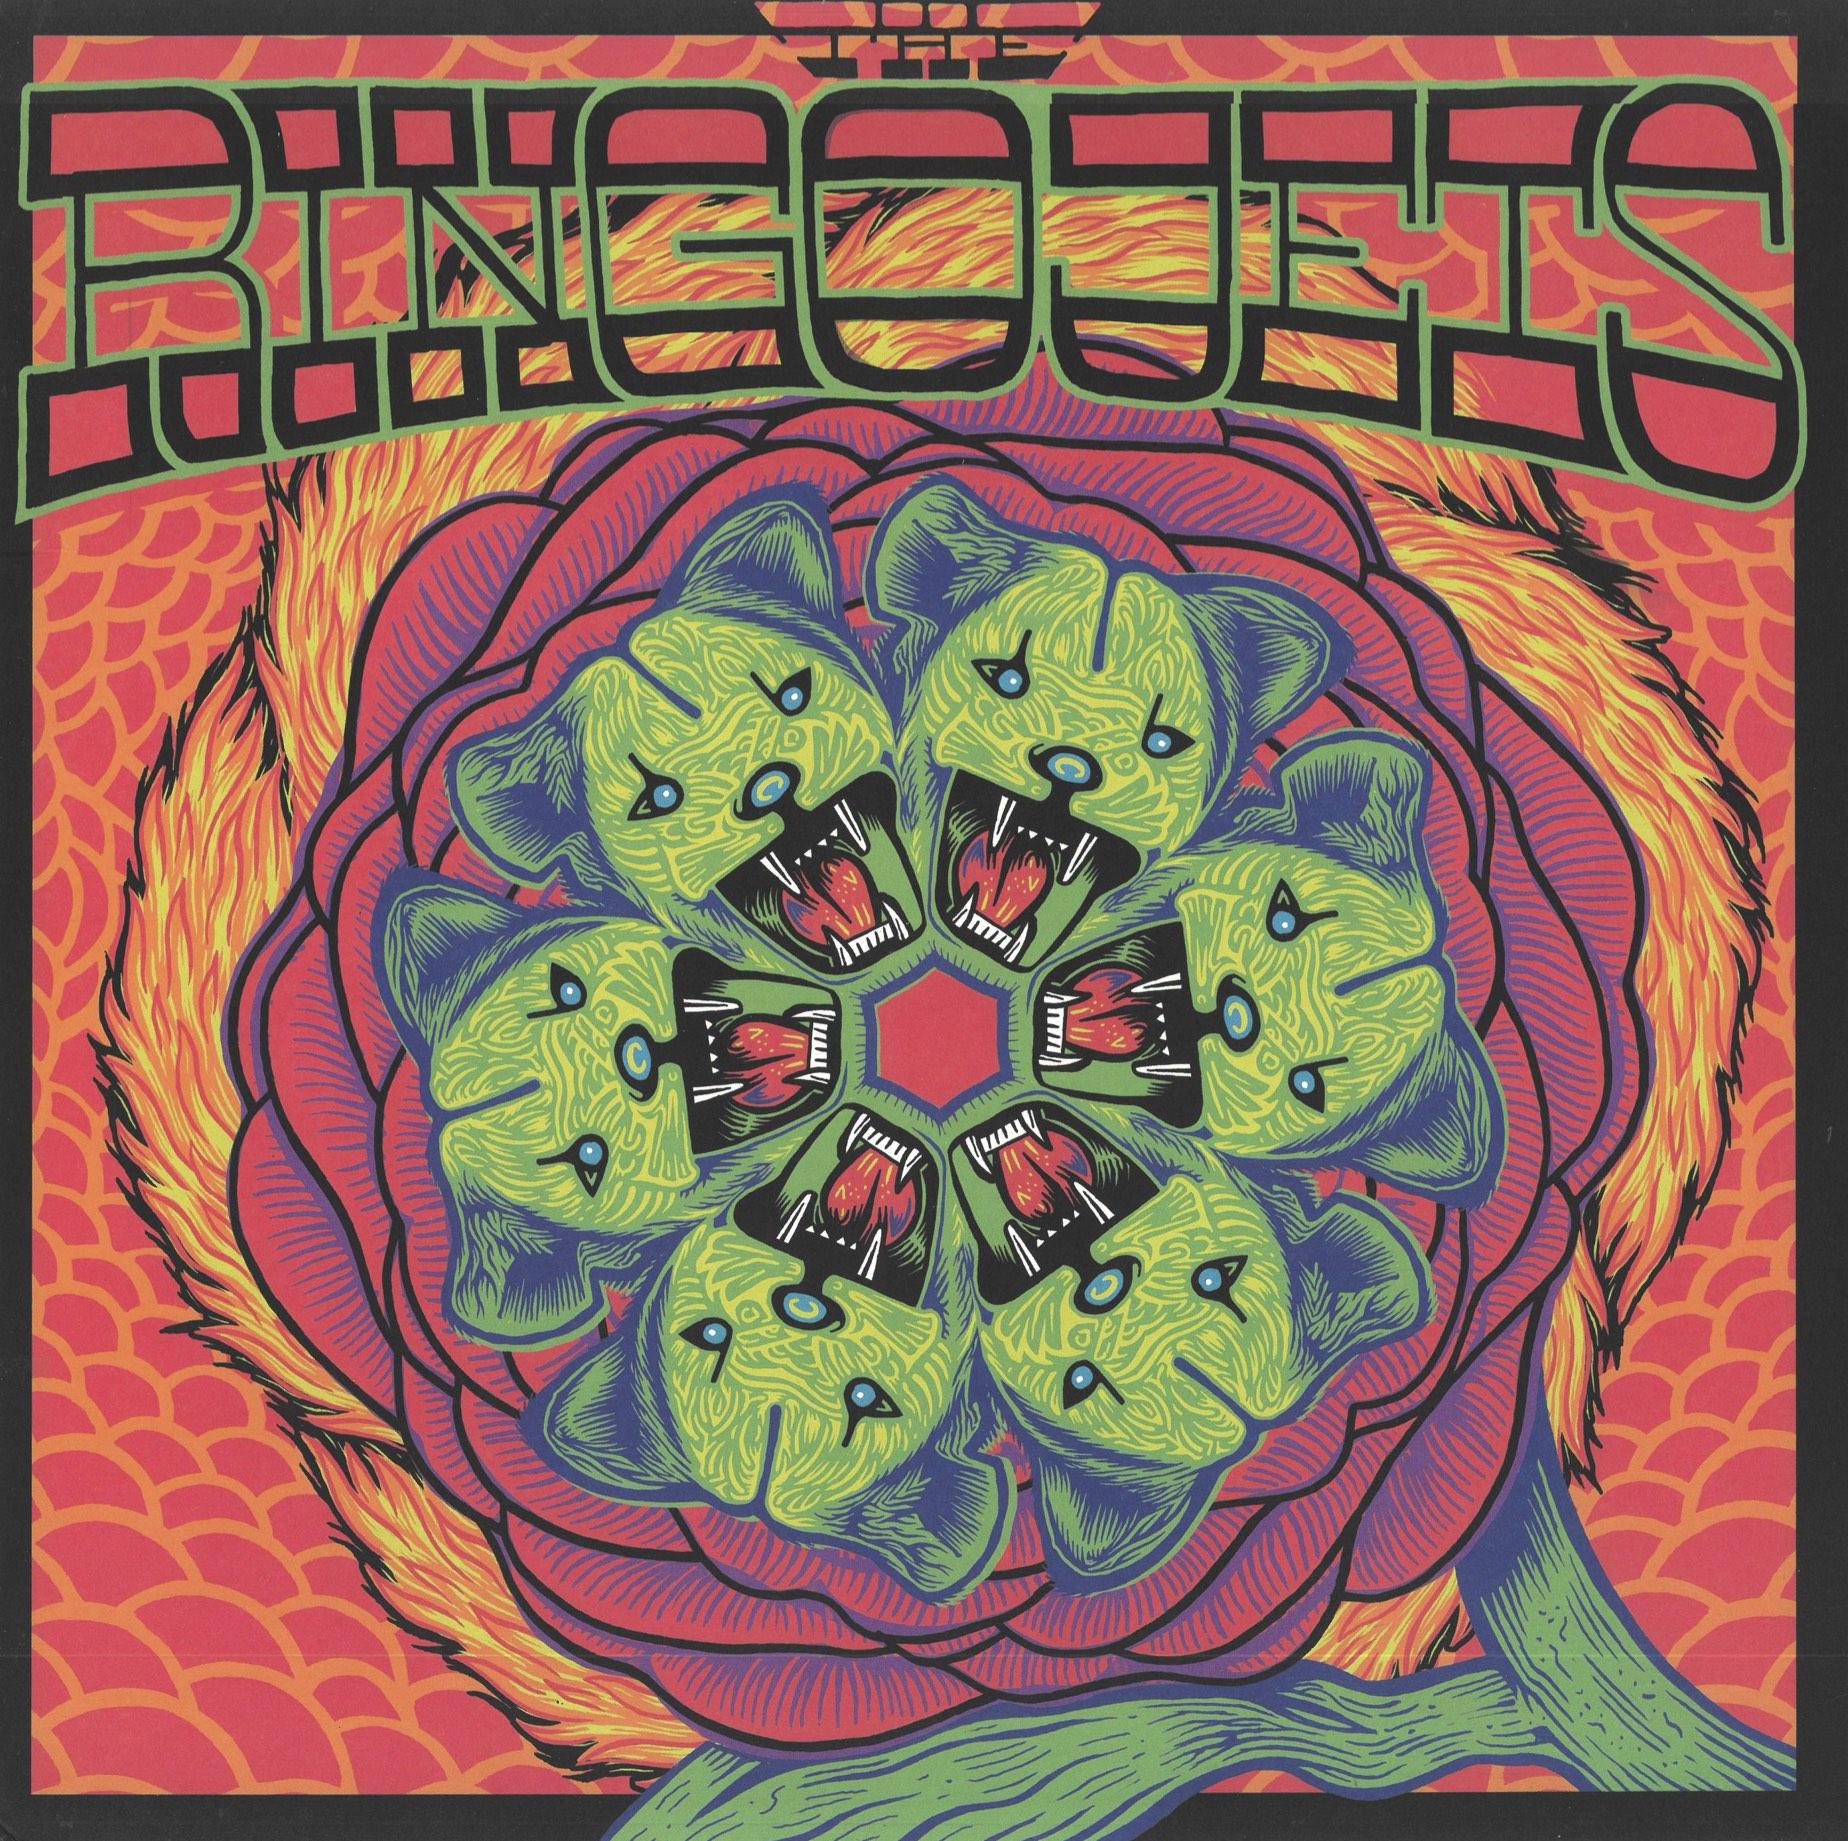 2014 - The Ringo Jets